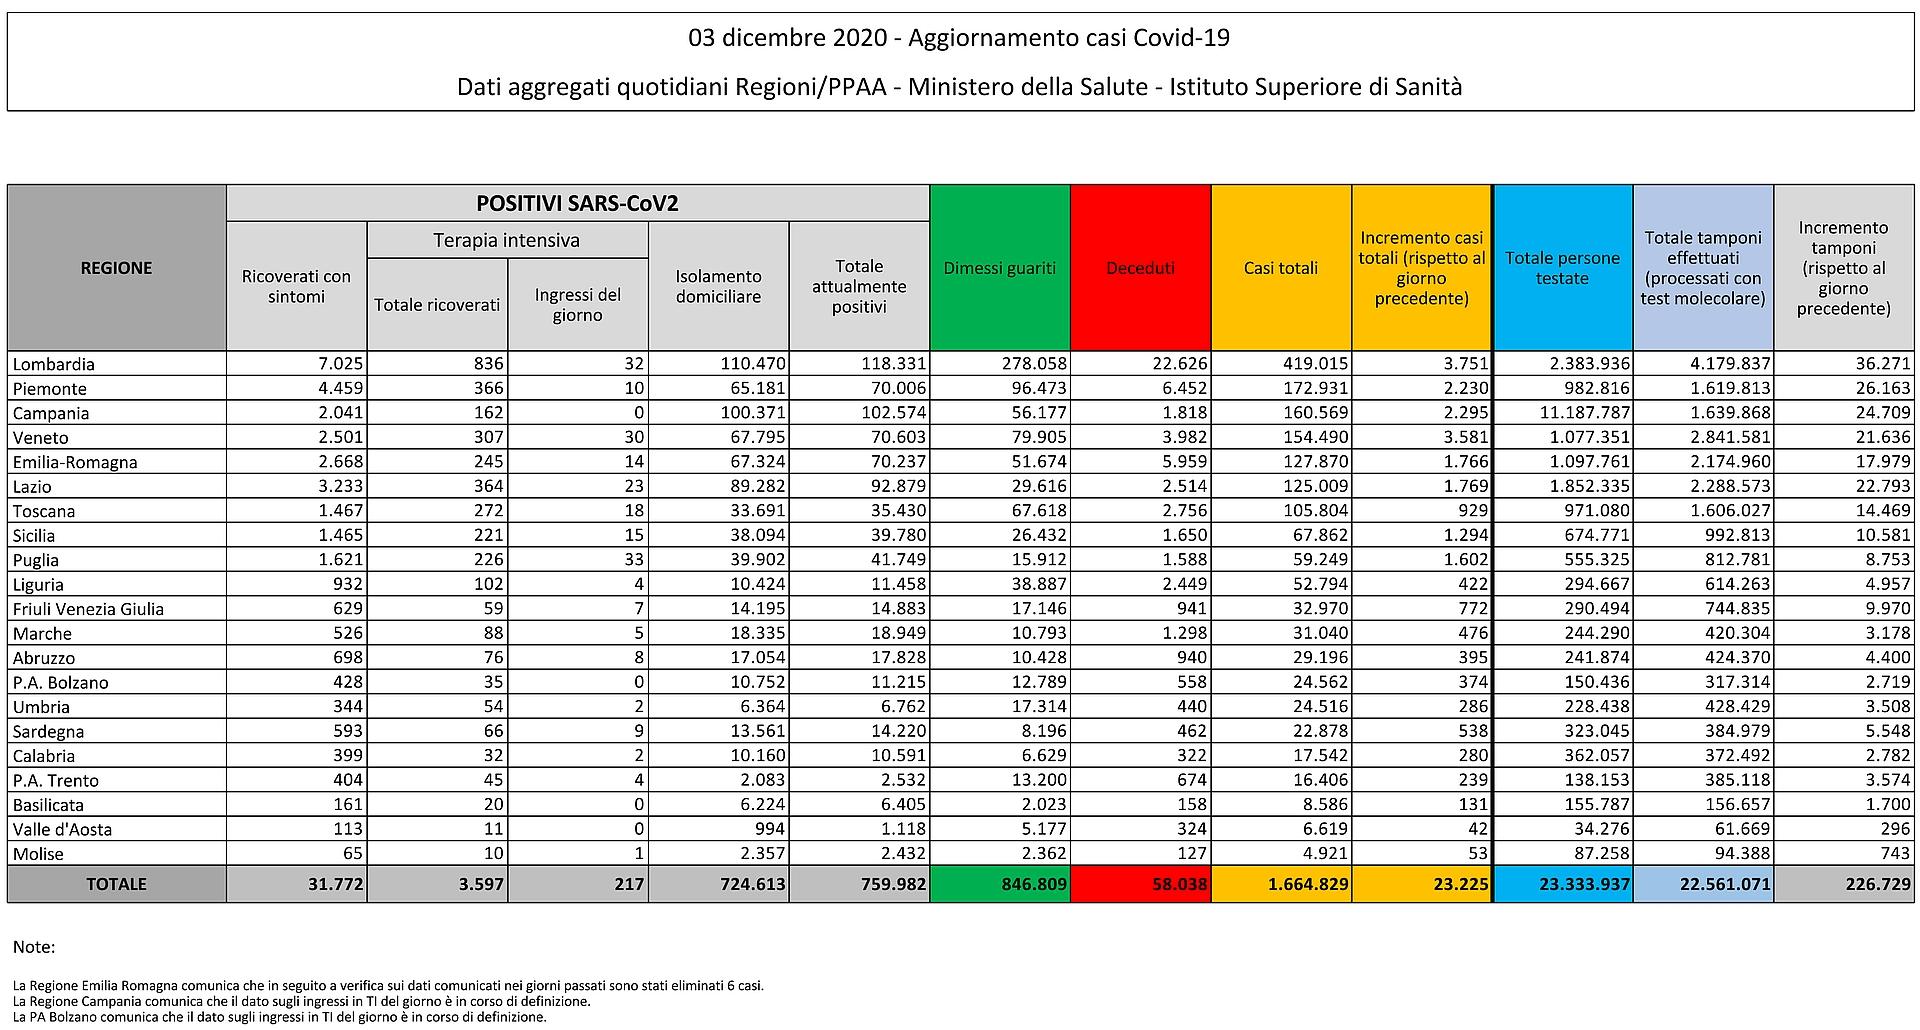 3 dicembre 2020 - Aggiornamento casi Covid-19 Dati aggregati quotidiani Regioni/PPAA - Ministero della Salute - Istituto Superiore di Sanità